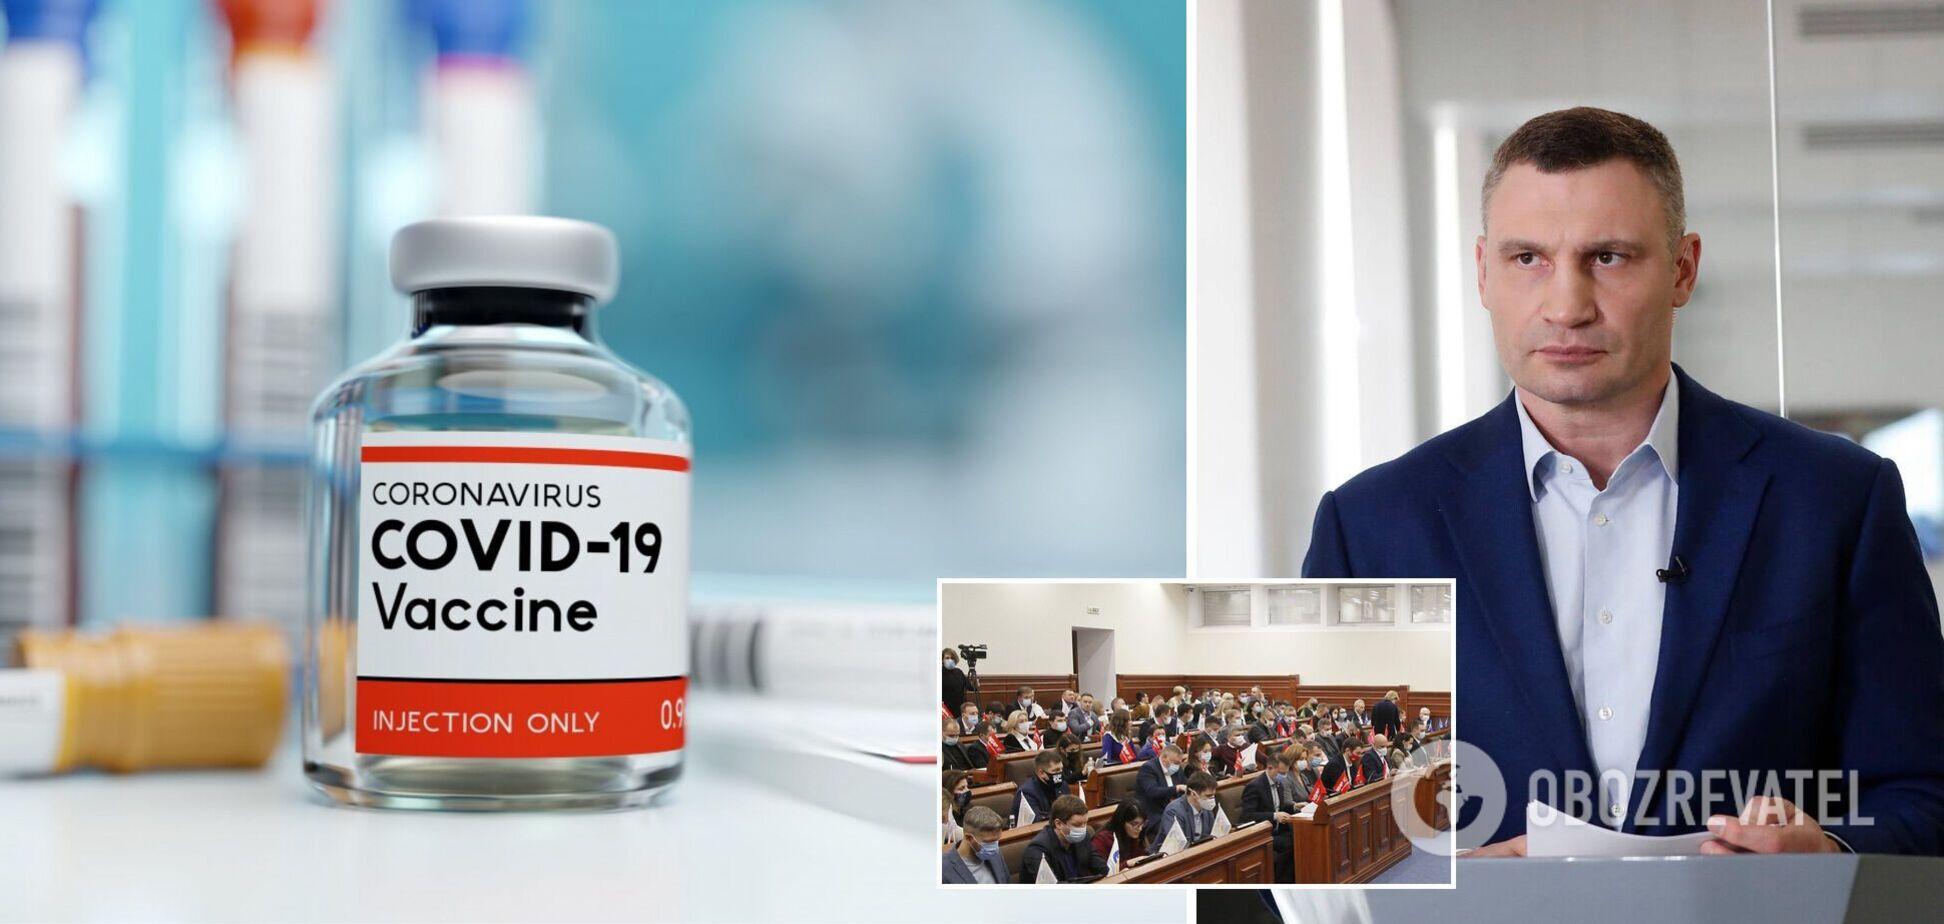 Киев закупит миллион доз вакцины от COVID-19: депутаты выделили средства